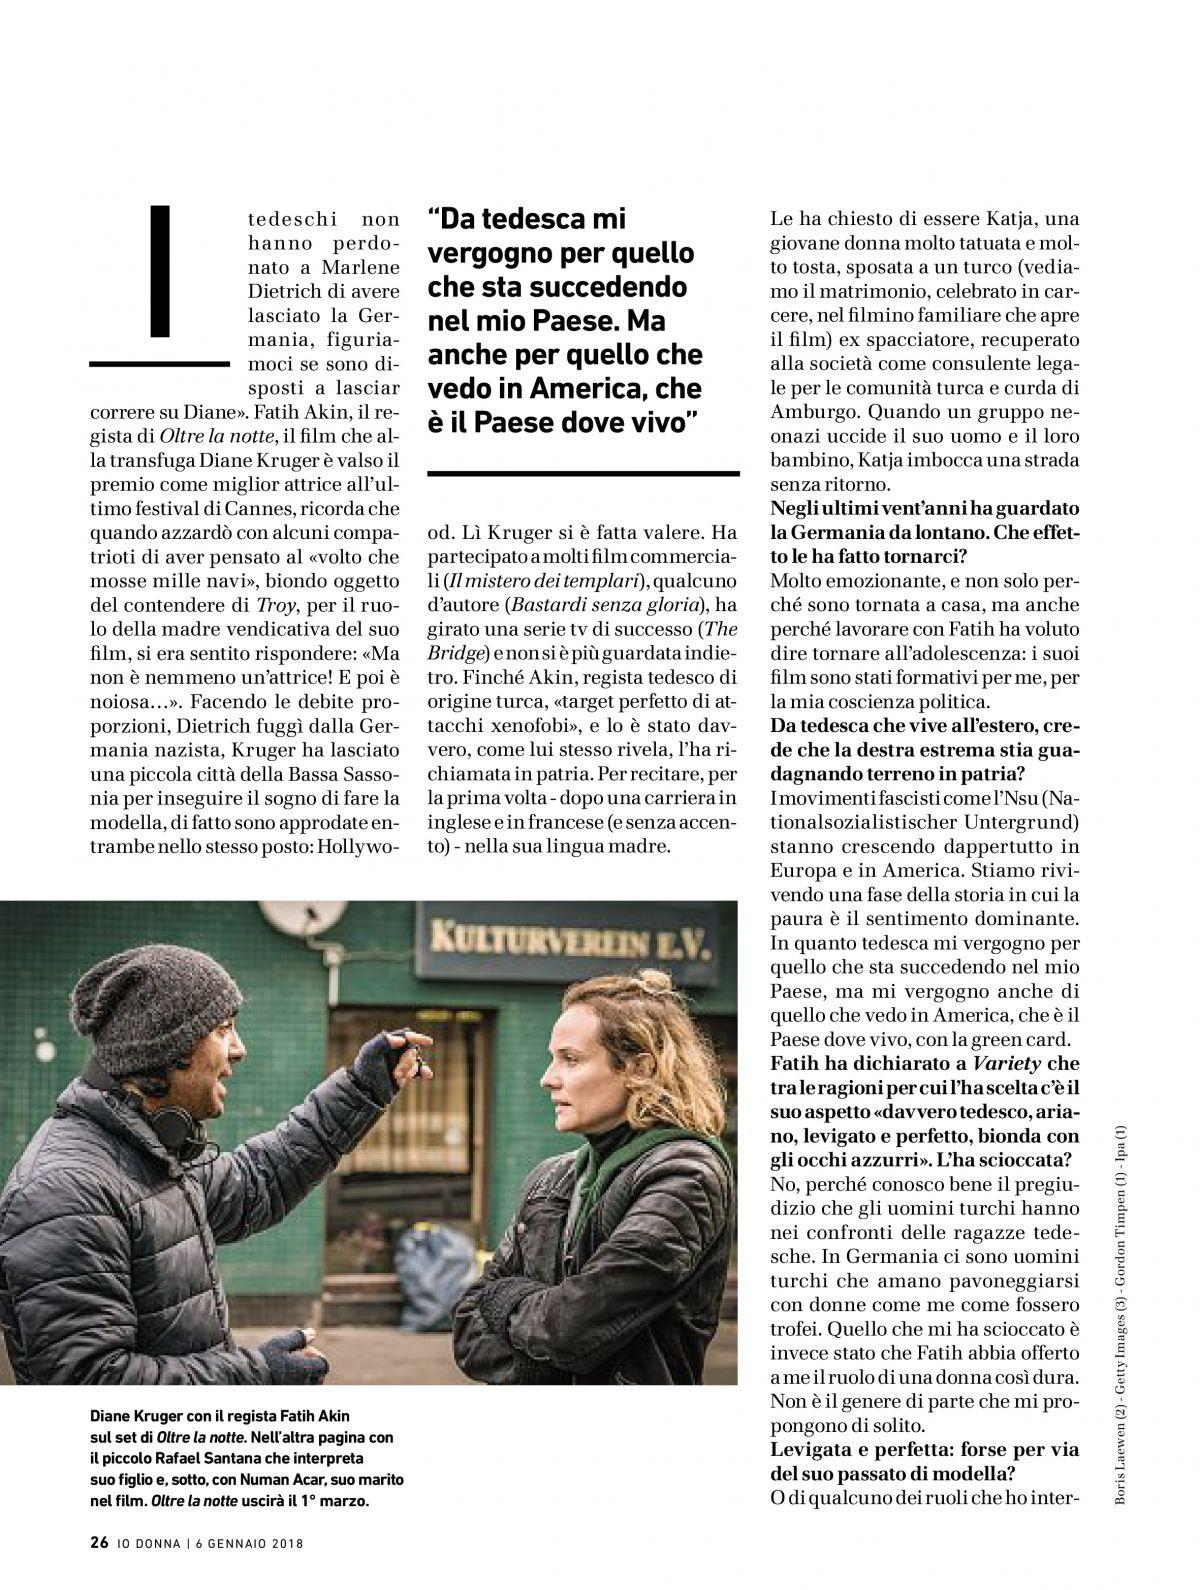 Diane Kruger In Io Donna Del Corriere Della Sera January 2018 issue